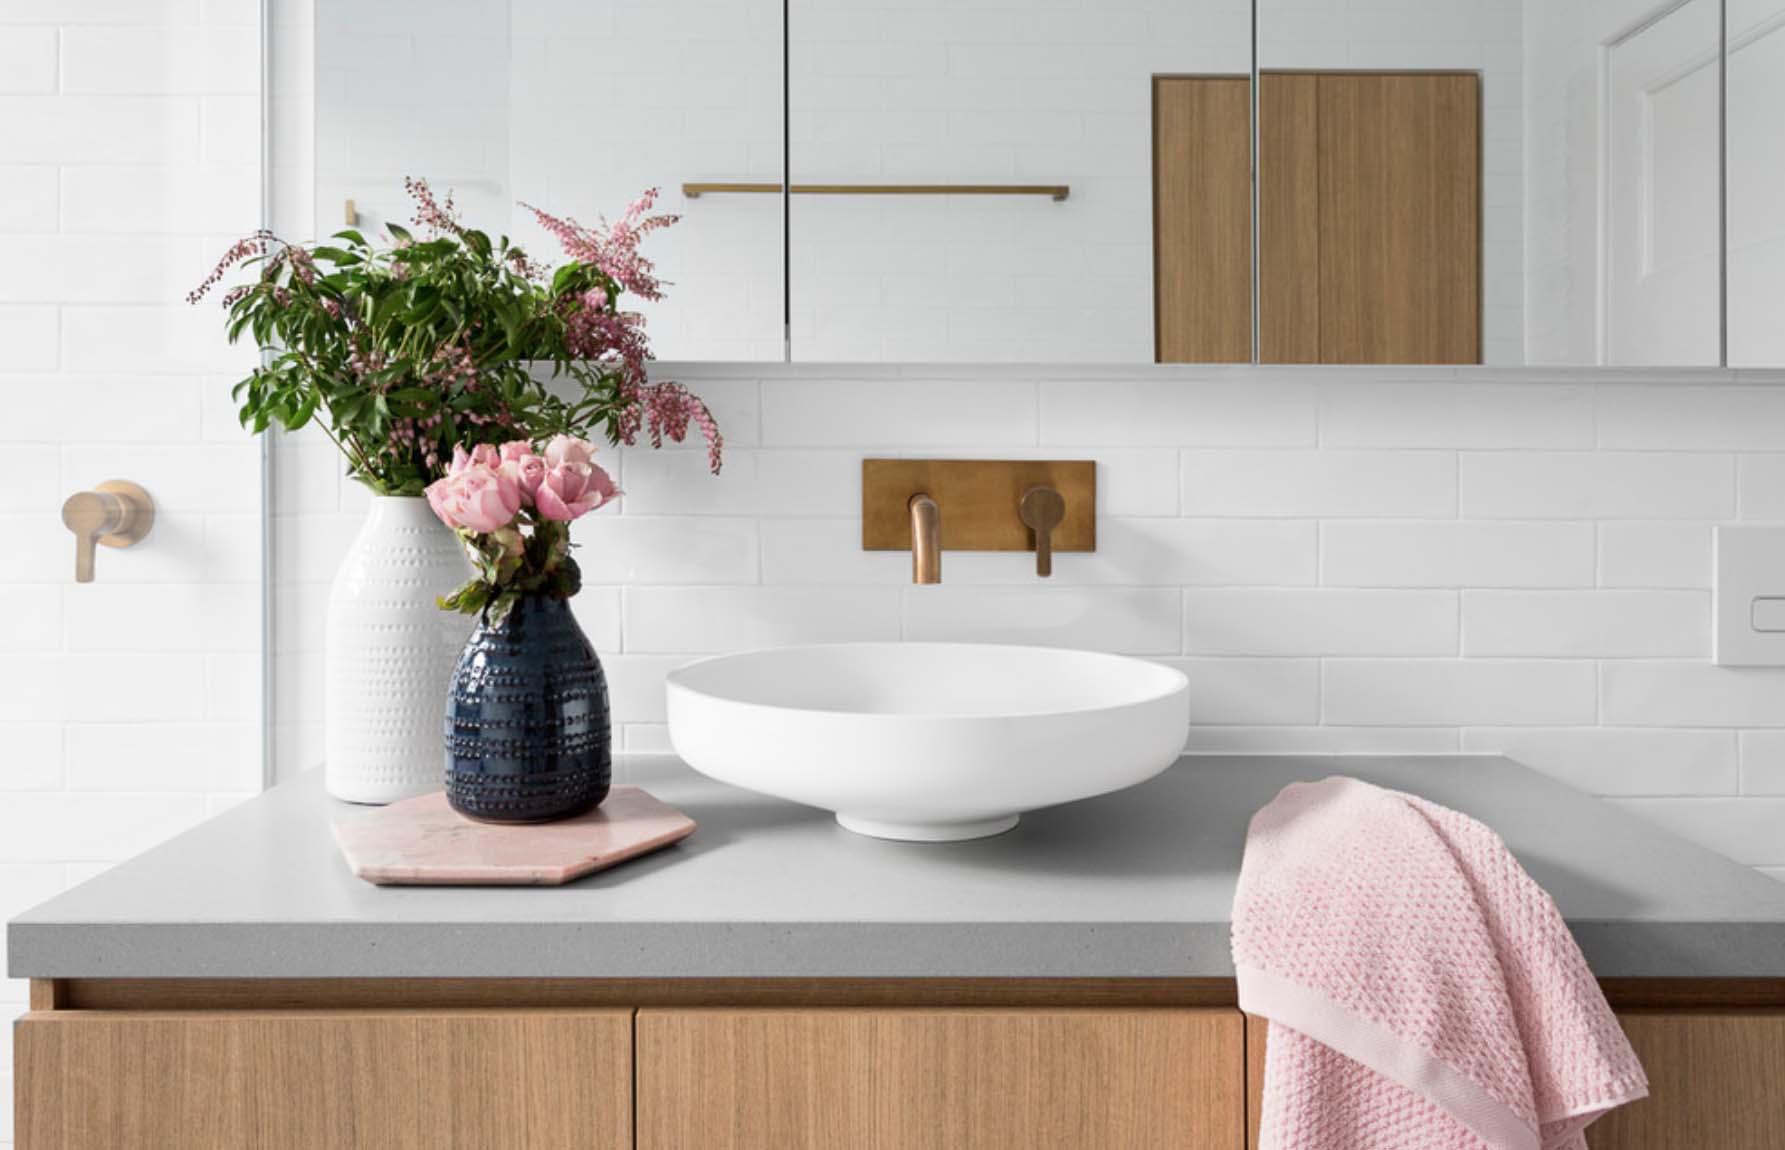 Houzz reveals five design trends going big in 2018 for Bathroom trends 2017 houzz